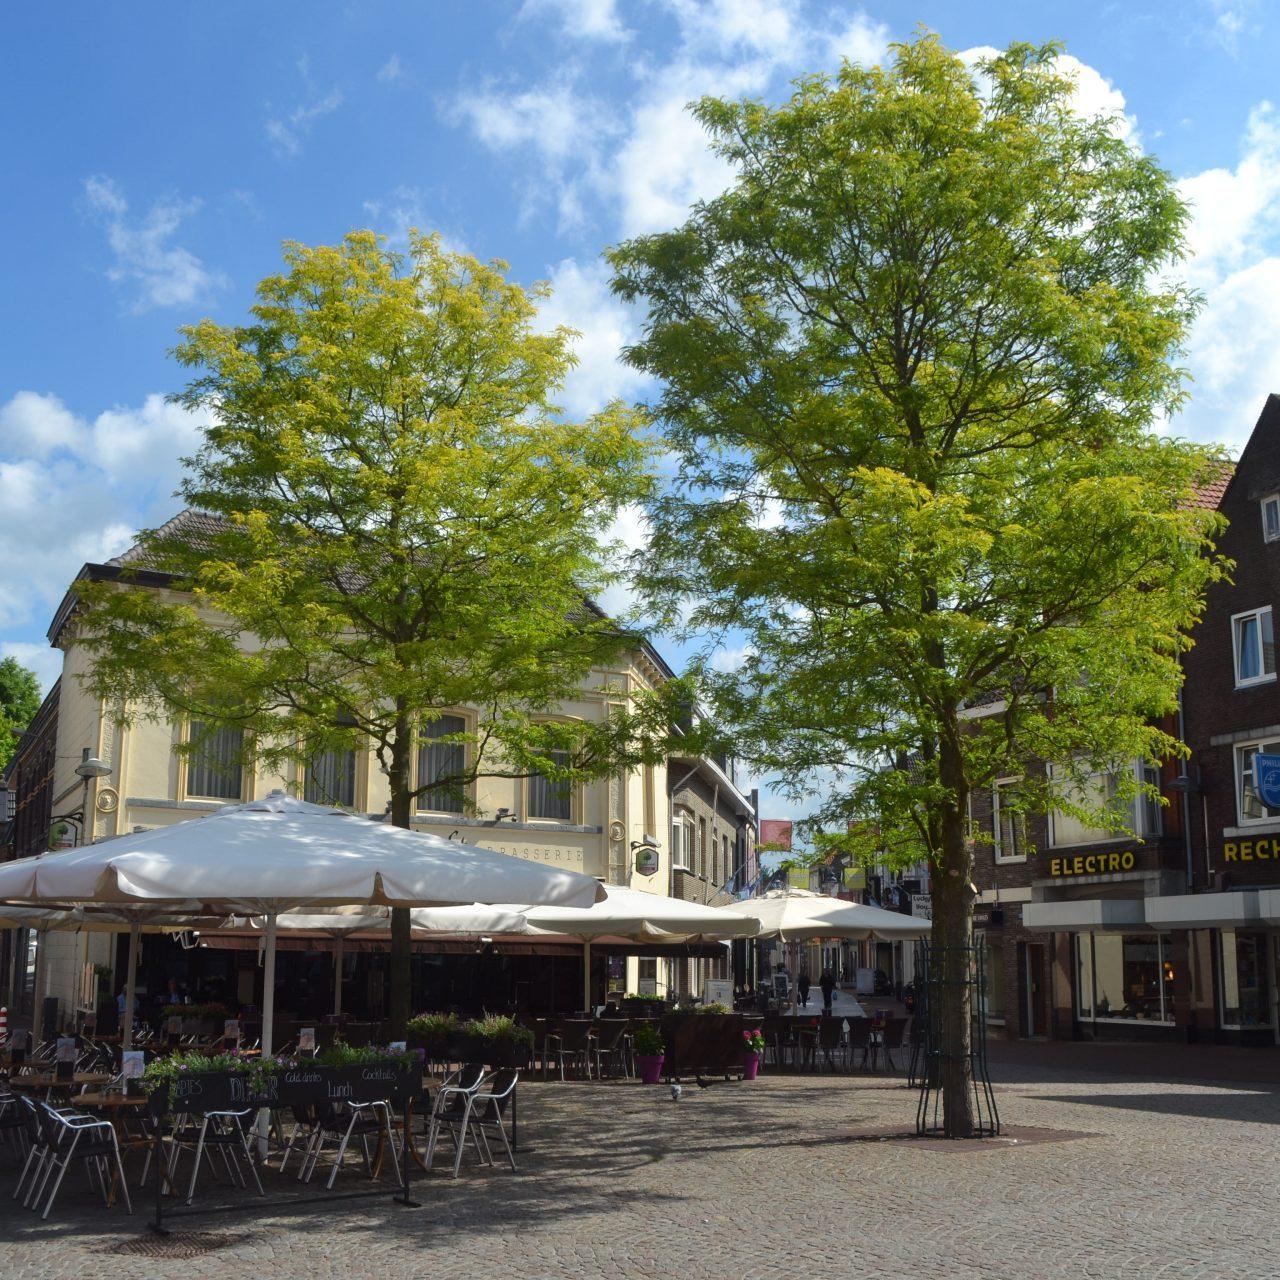 2018-6-14 Weert Oude Markt (16)